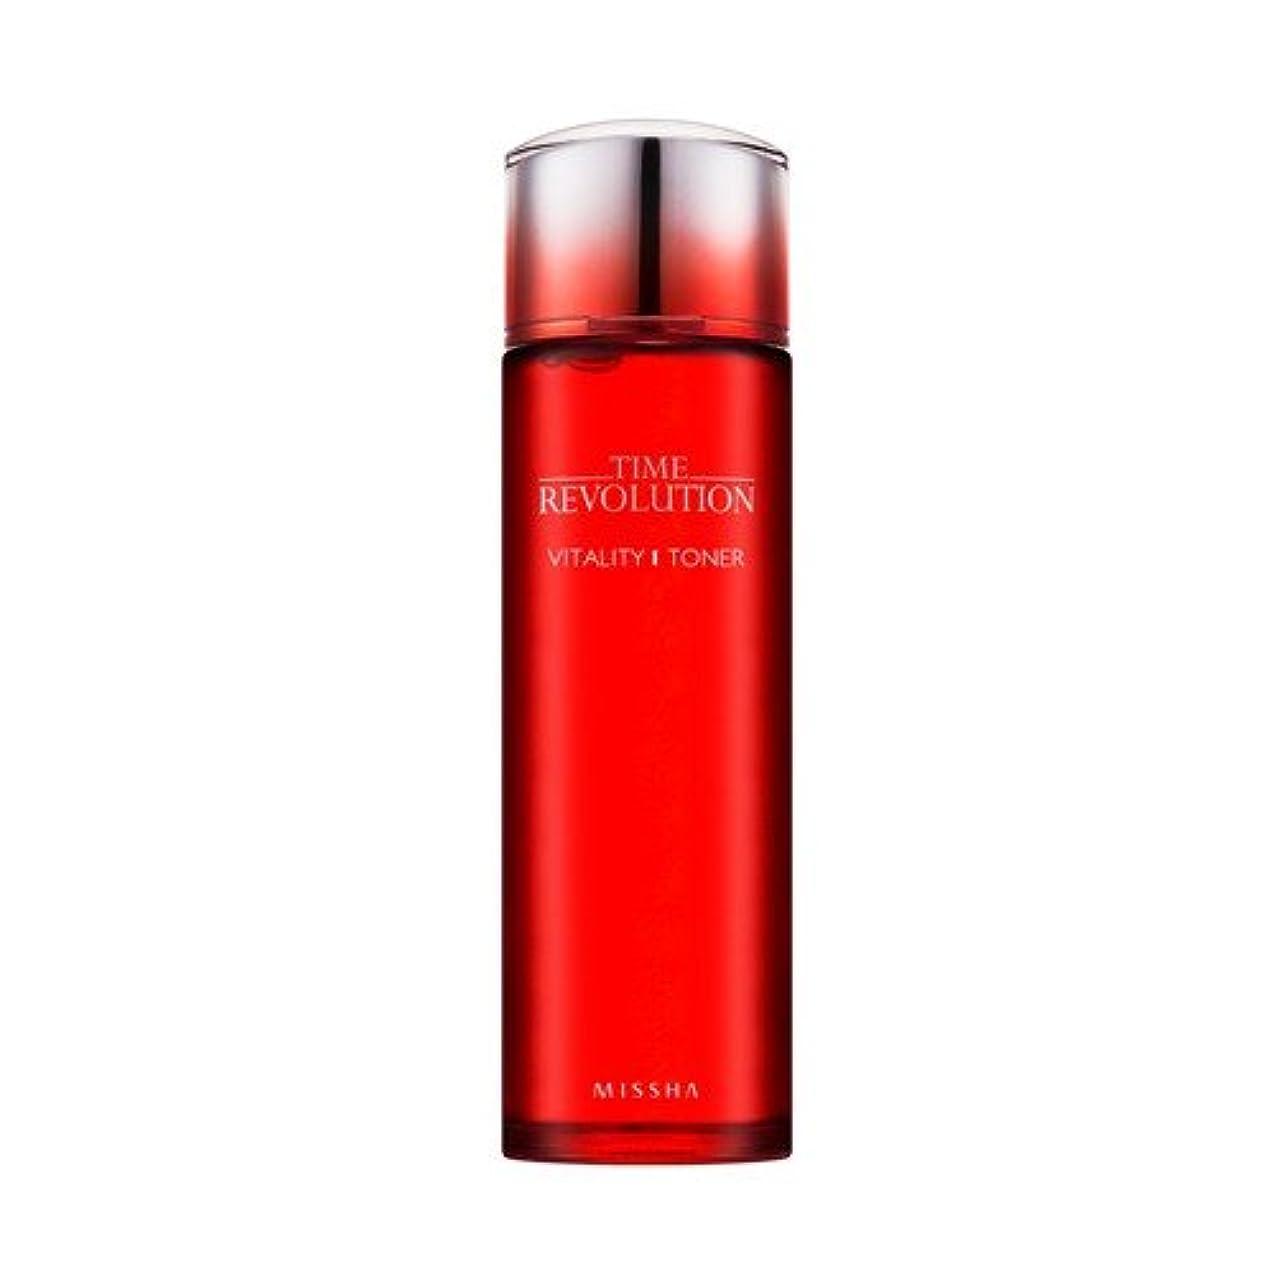 美容師公式ずらすMISSHA time revolution vitality toner (ミシャ タイムレボリューション バイタリティー トナー)150ml